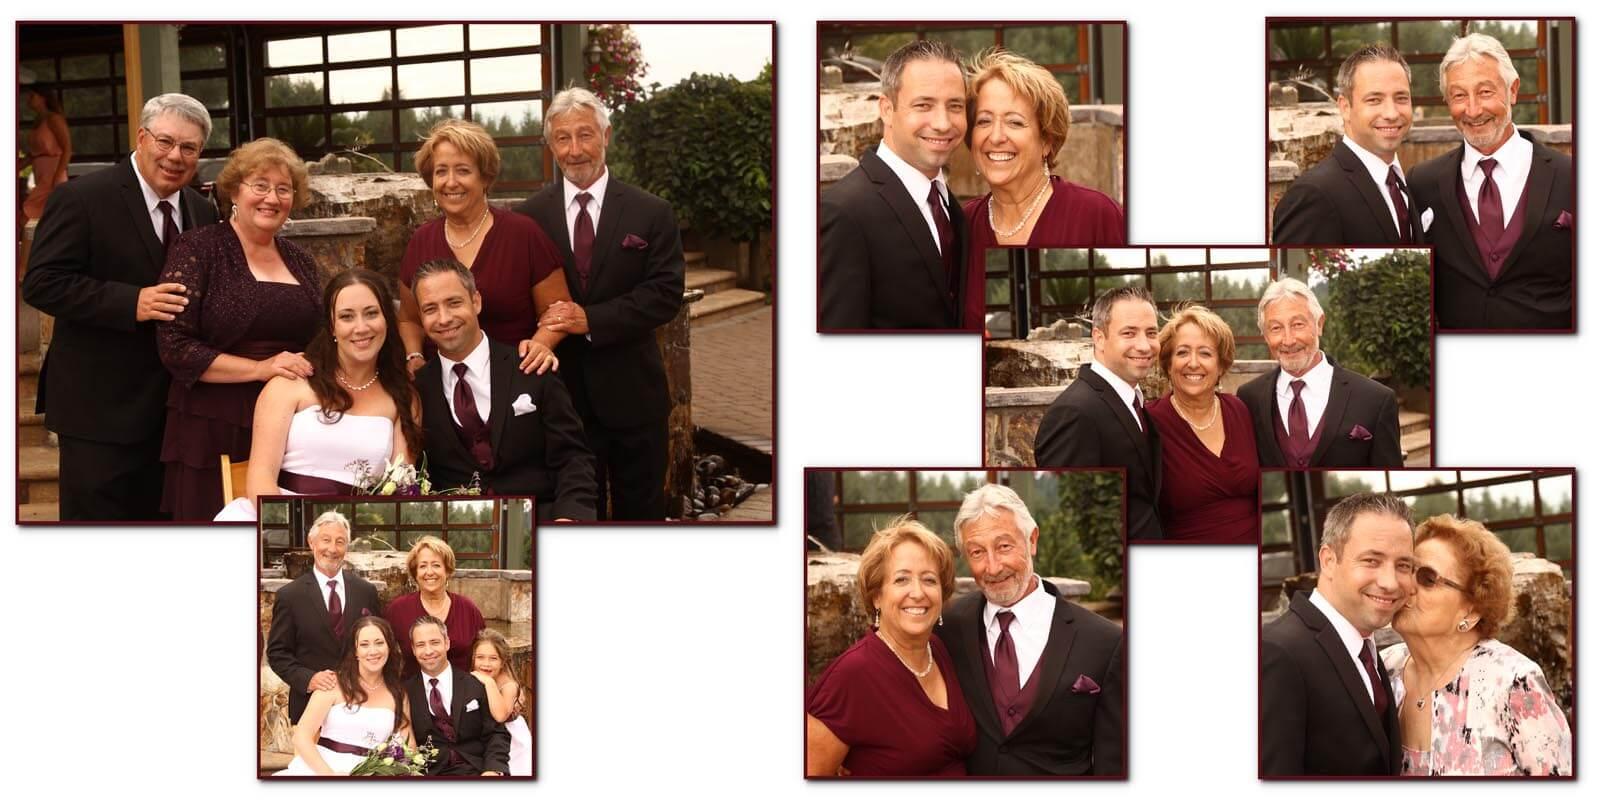 sweet-cheeks-winery-eugene-oregon-wedding-020-021.jpg